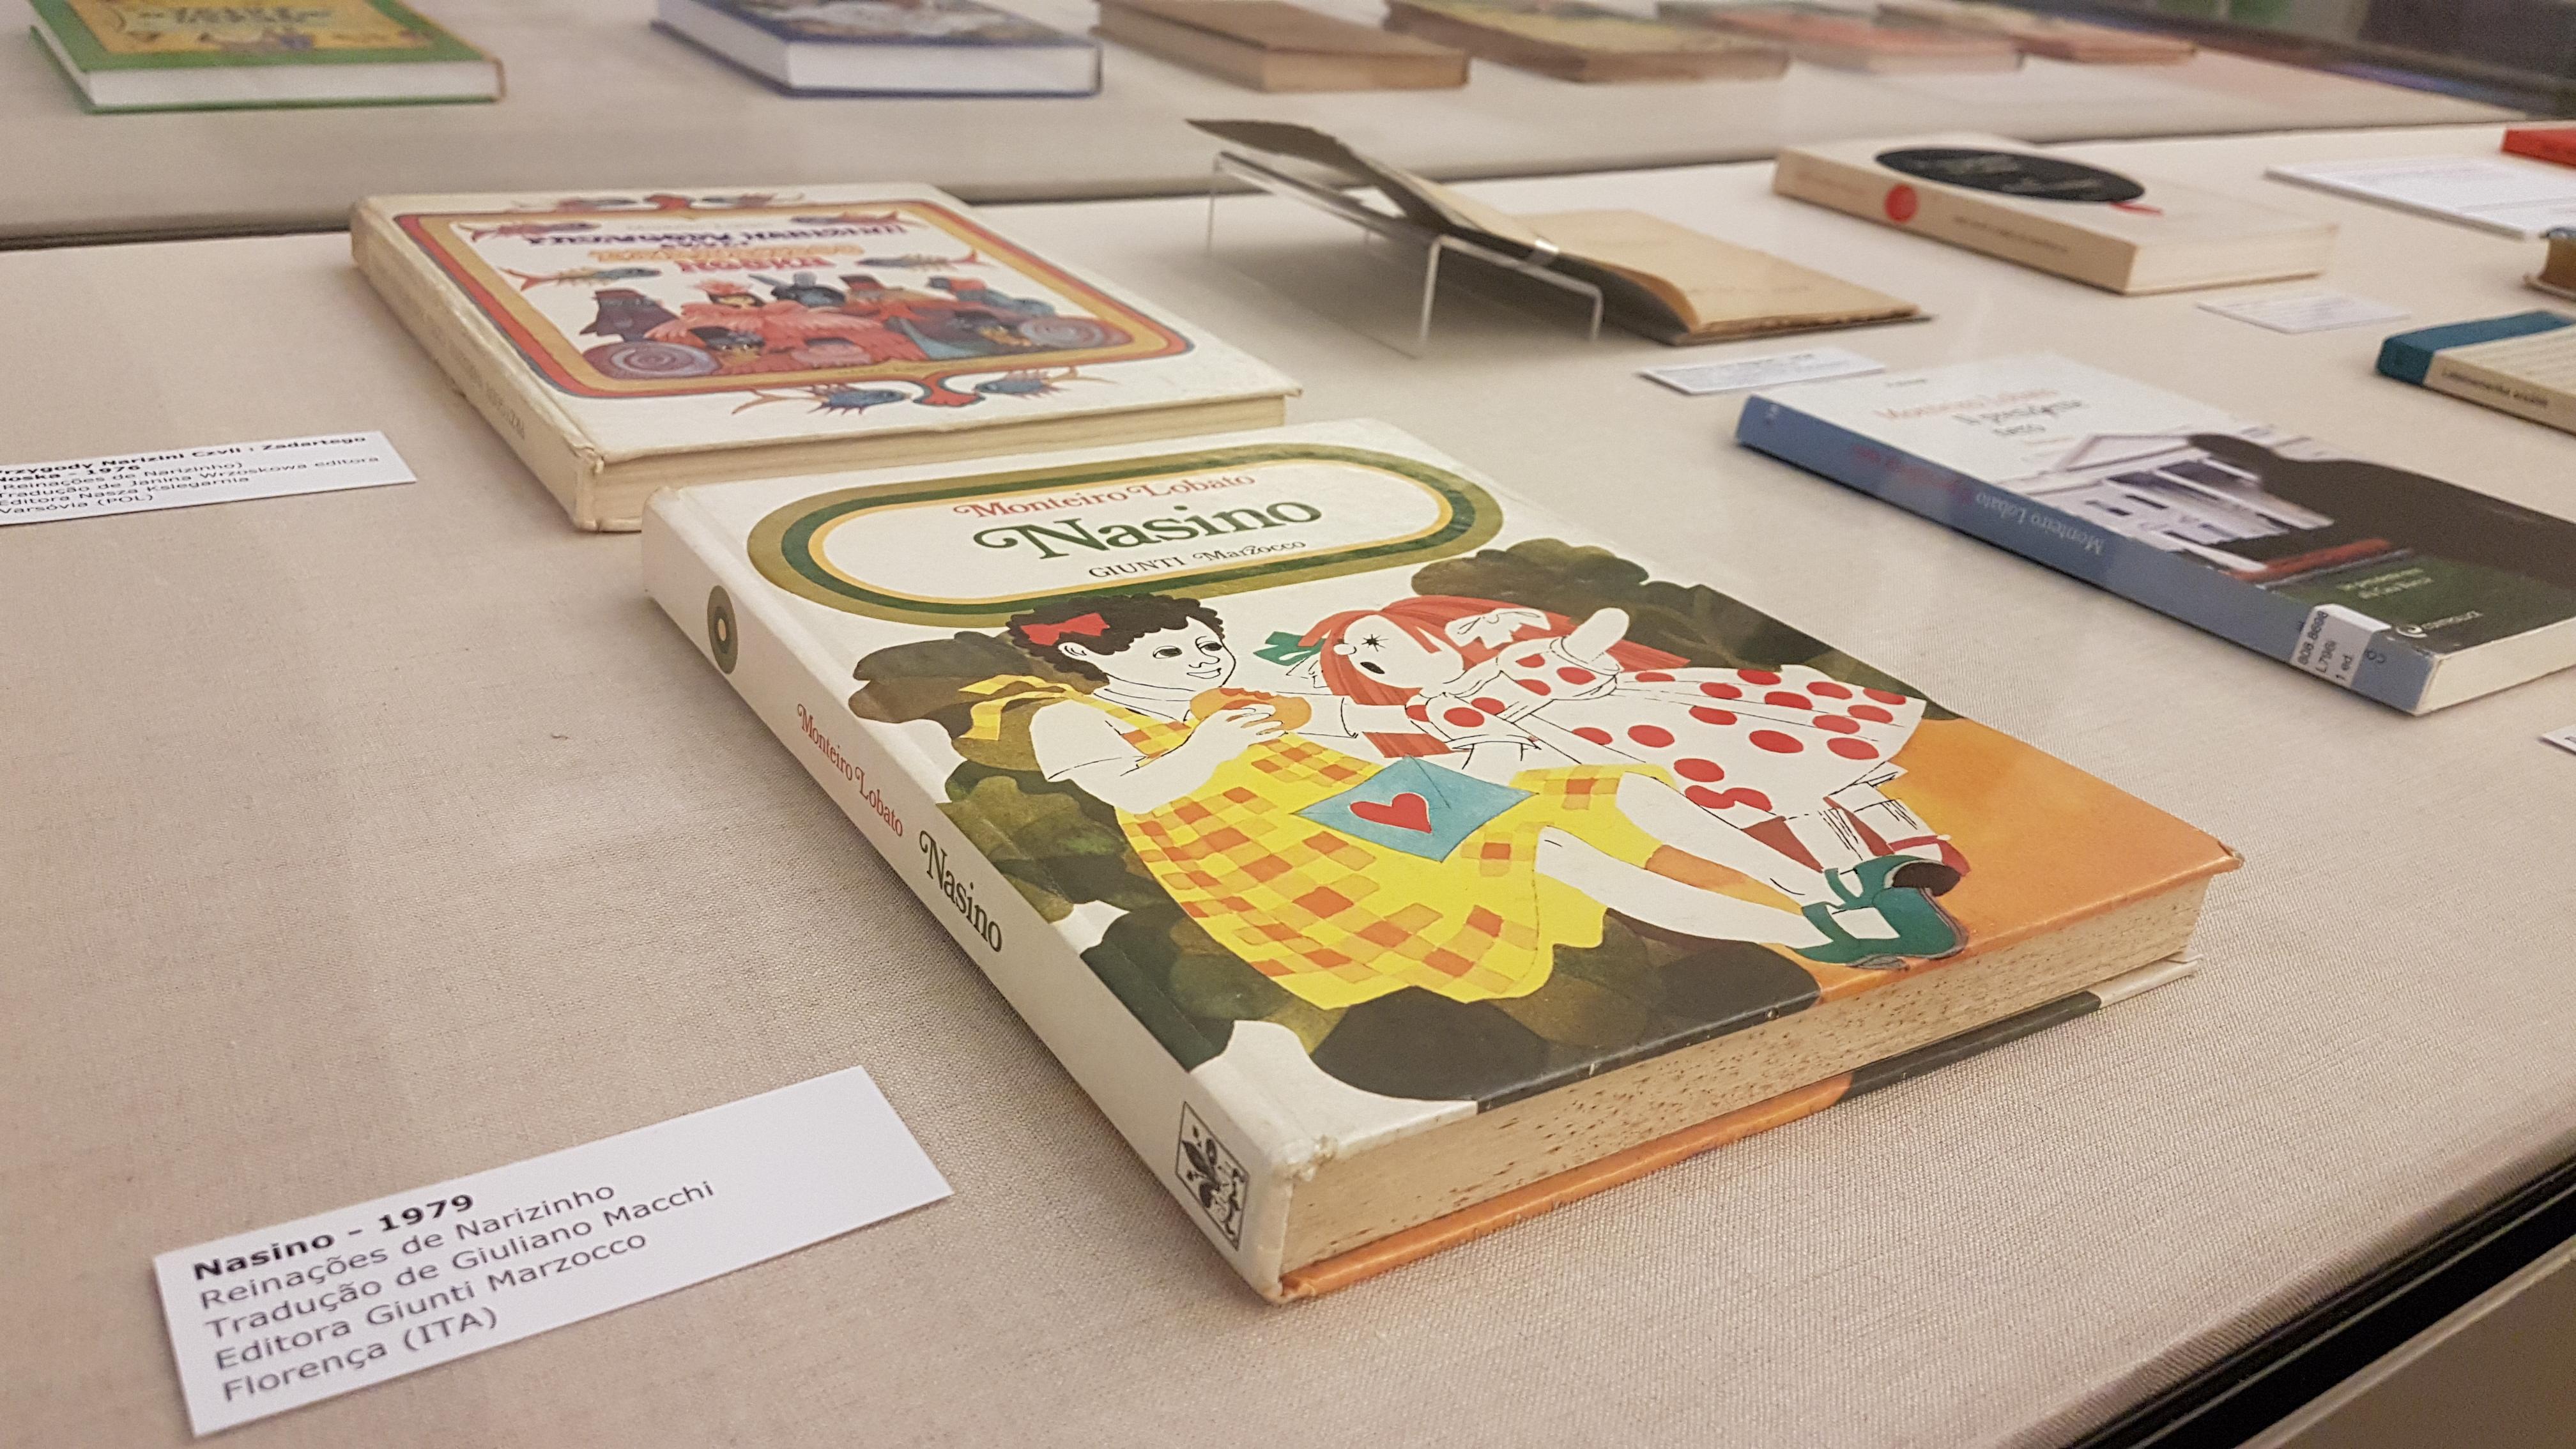 Obras de Lobato traduzidas para outros idiomas podem ser vistas em exposição em São Paulo (Crédito: Elcio Silva)